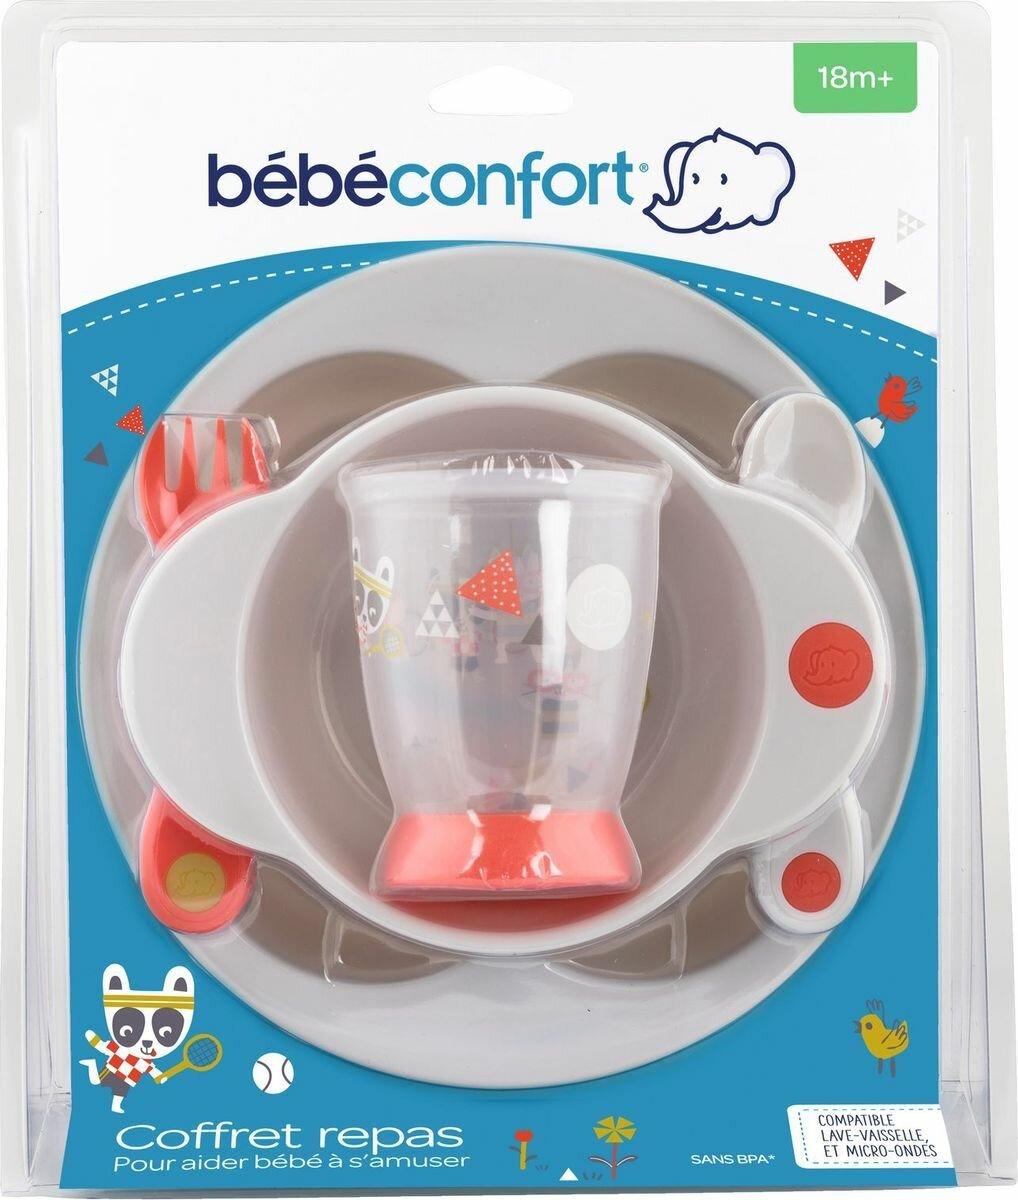 Набор посуды для кормления Bebe Confort Sport тарелка + миска + стаканчик + ложка + вилка, Полипропилен